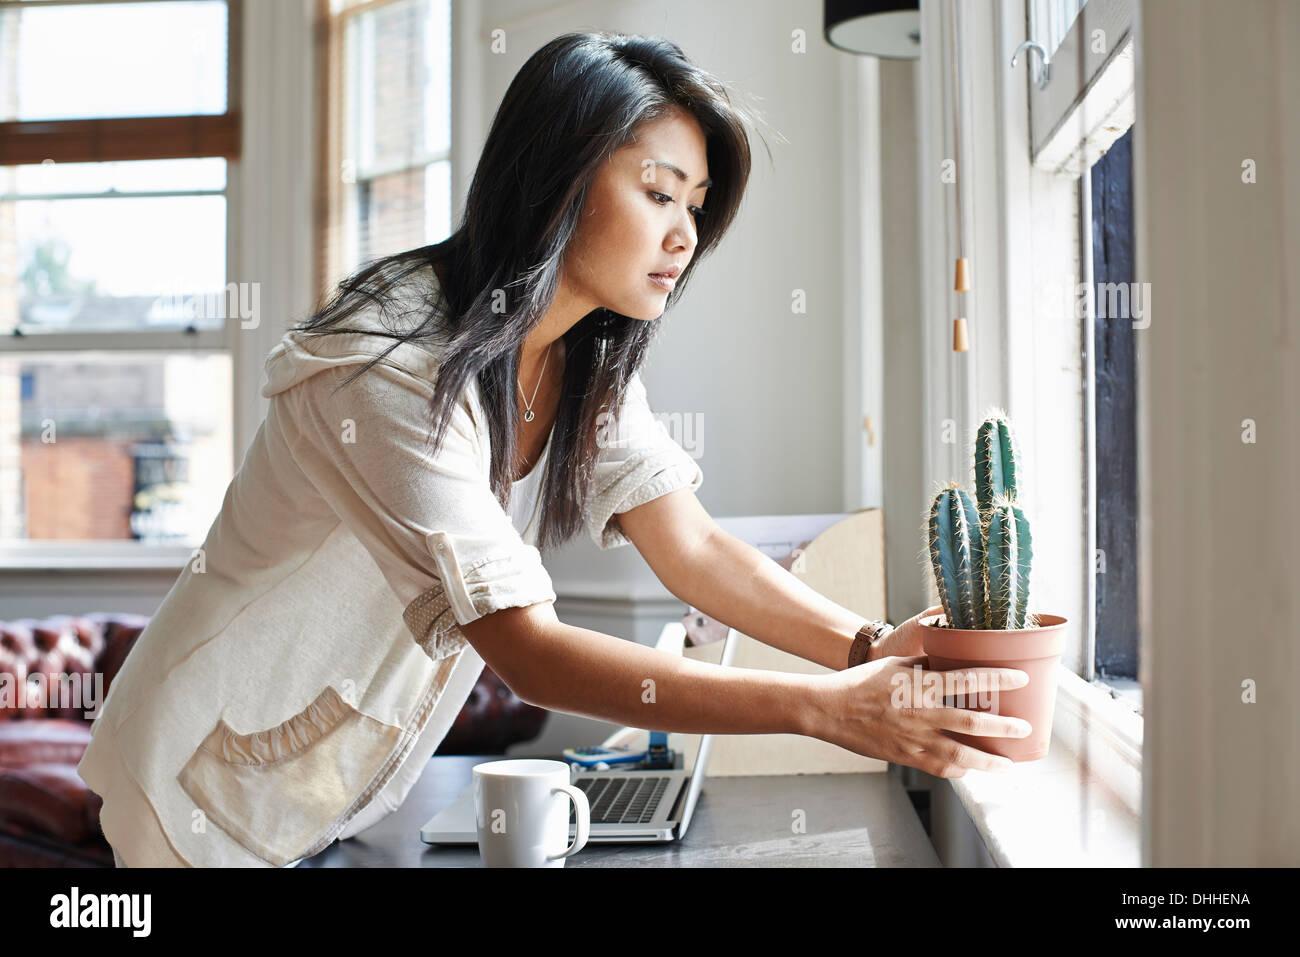 Junge Frau verschieben Kaktus Pflanze auf der Fensterbank Stockfoto